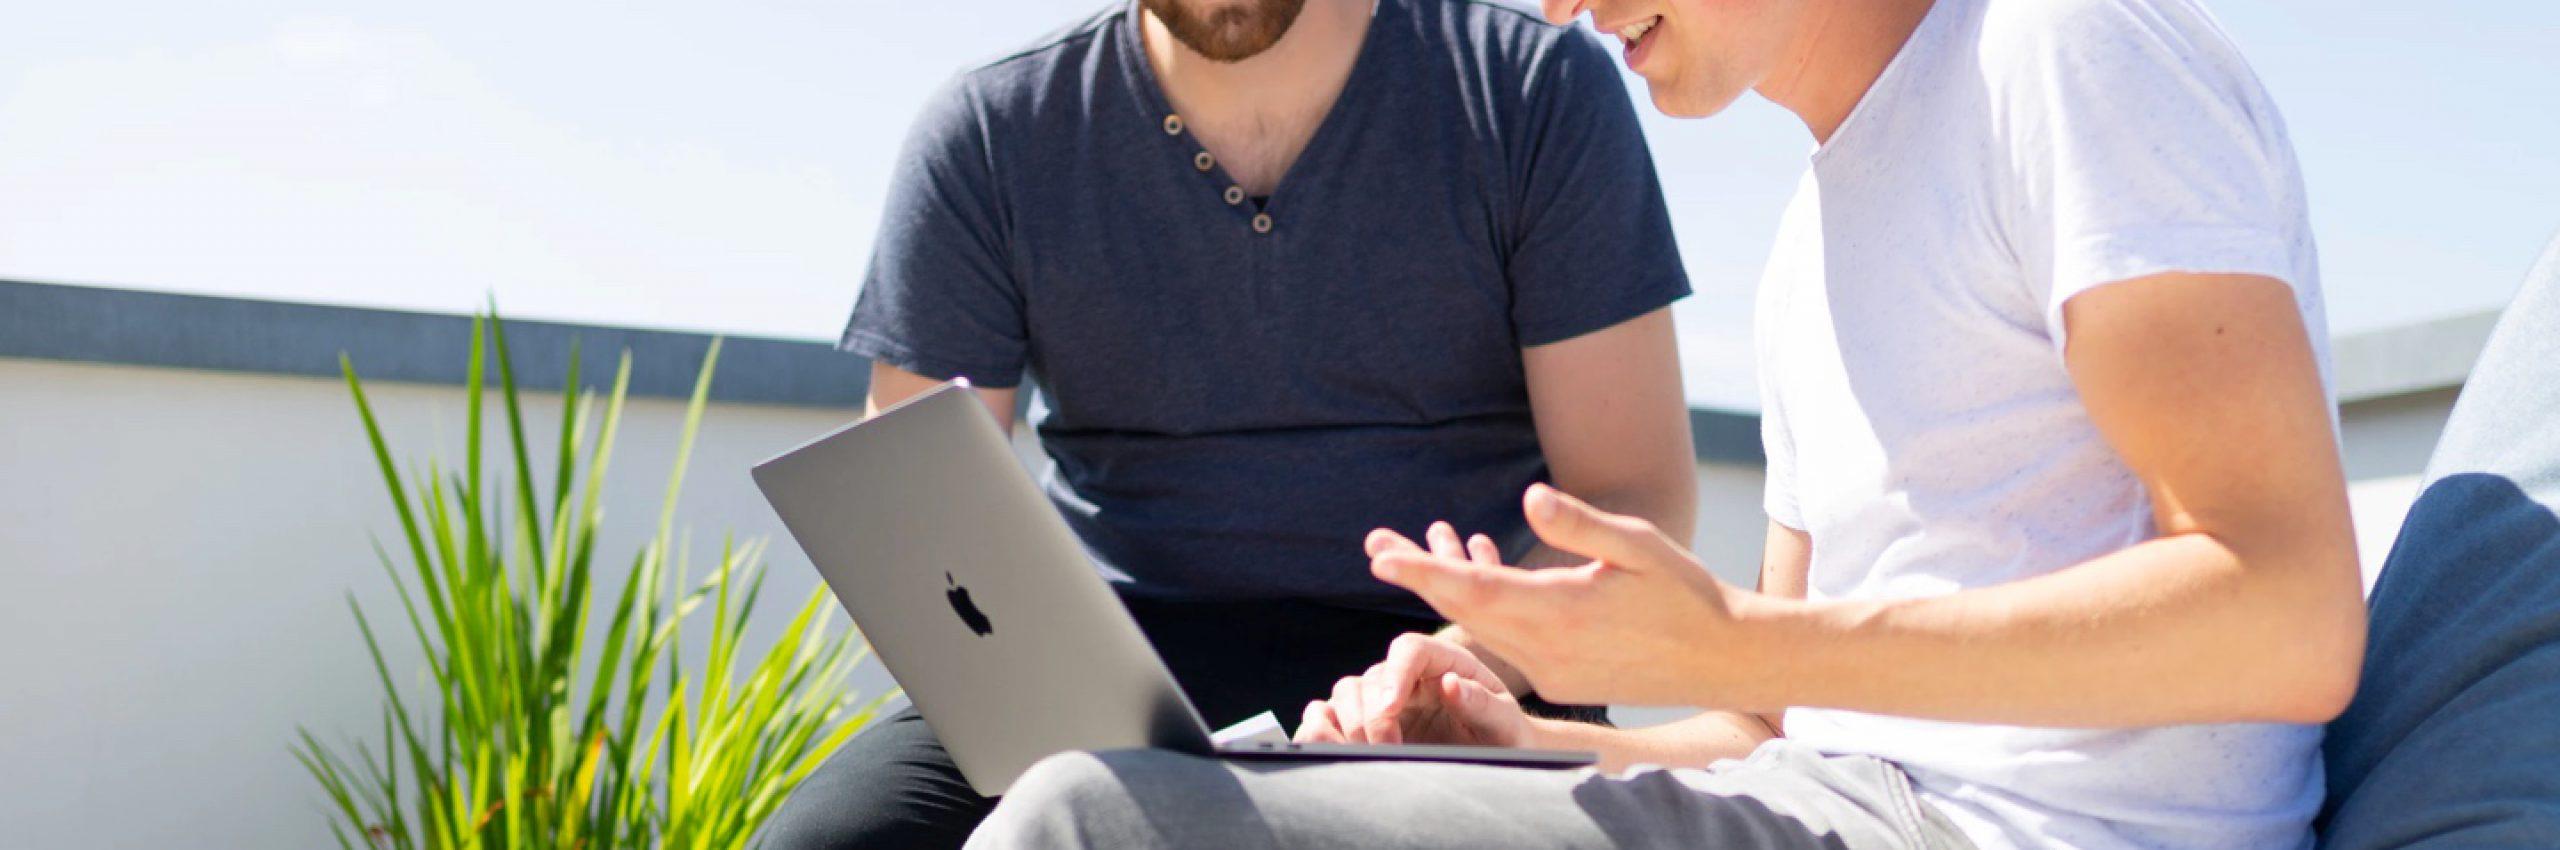 Banner for Leadgeneratie op de nieuwe website van IT-specialist KNNS